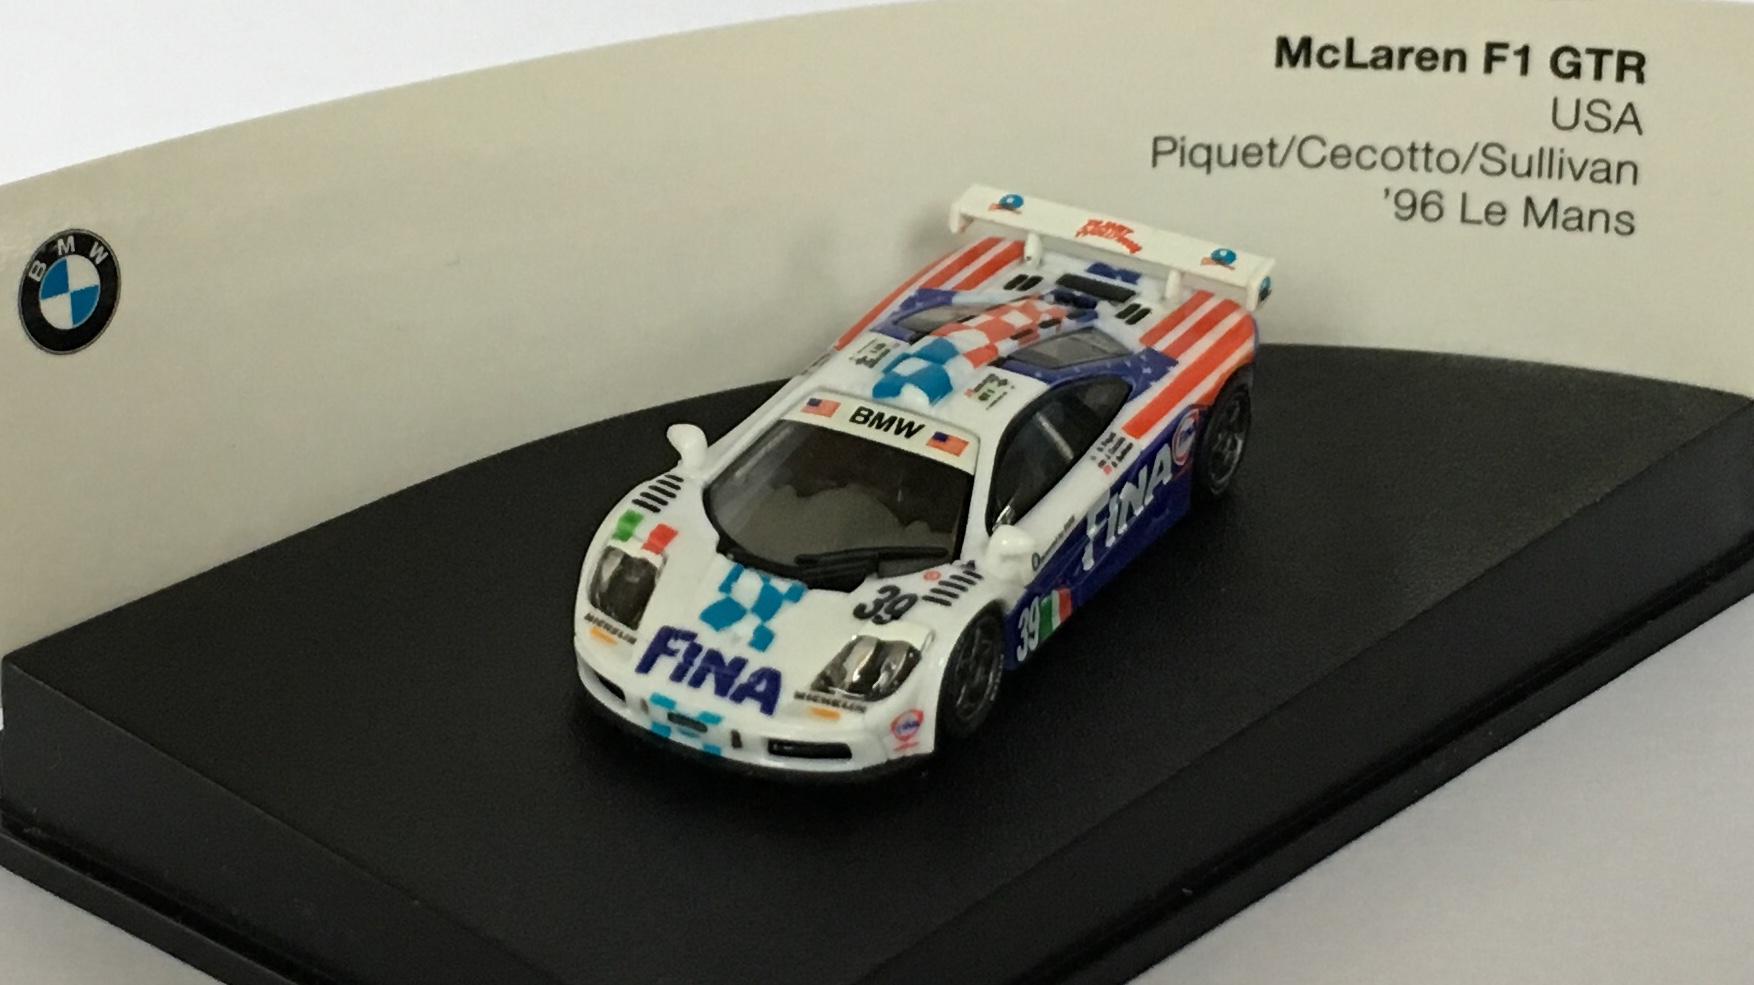 McLaren F1 GTR 002.jpg